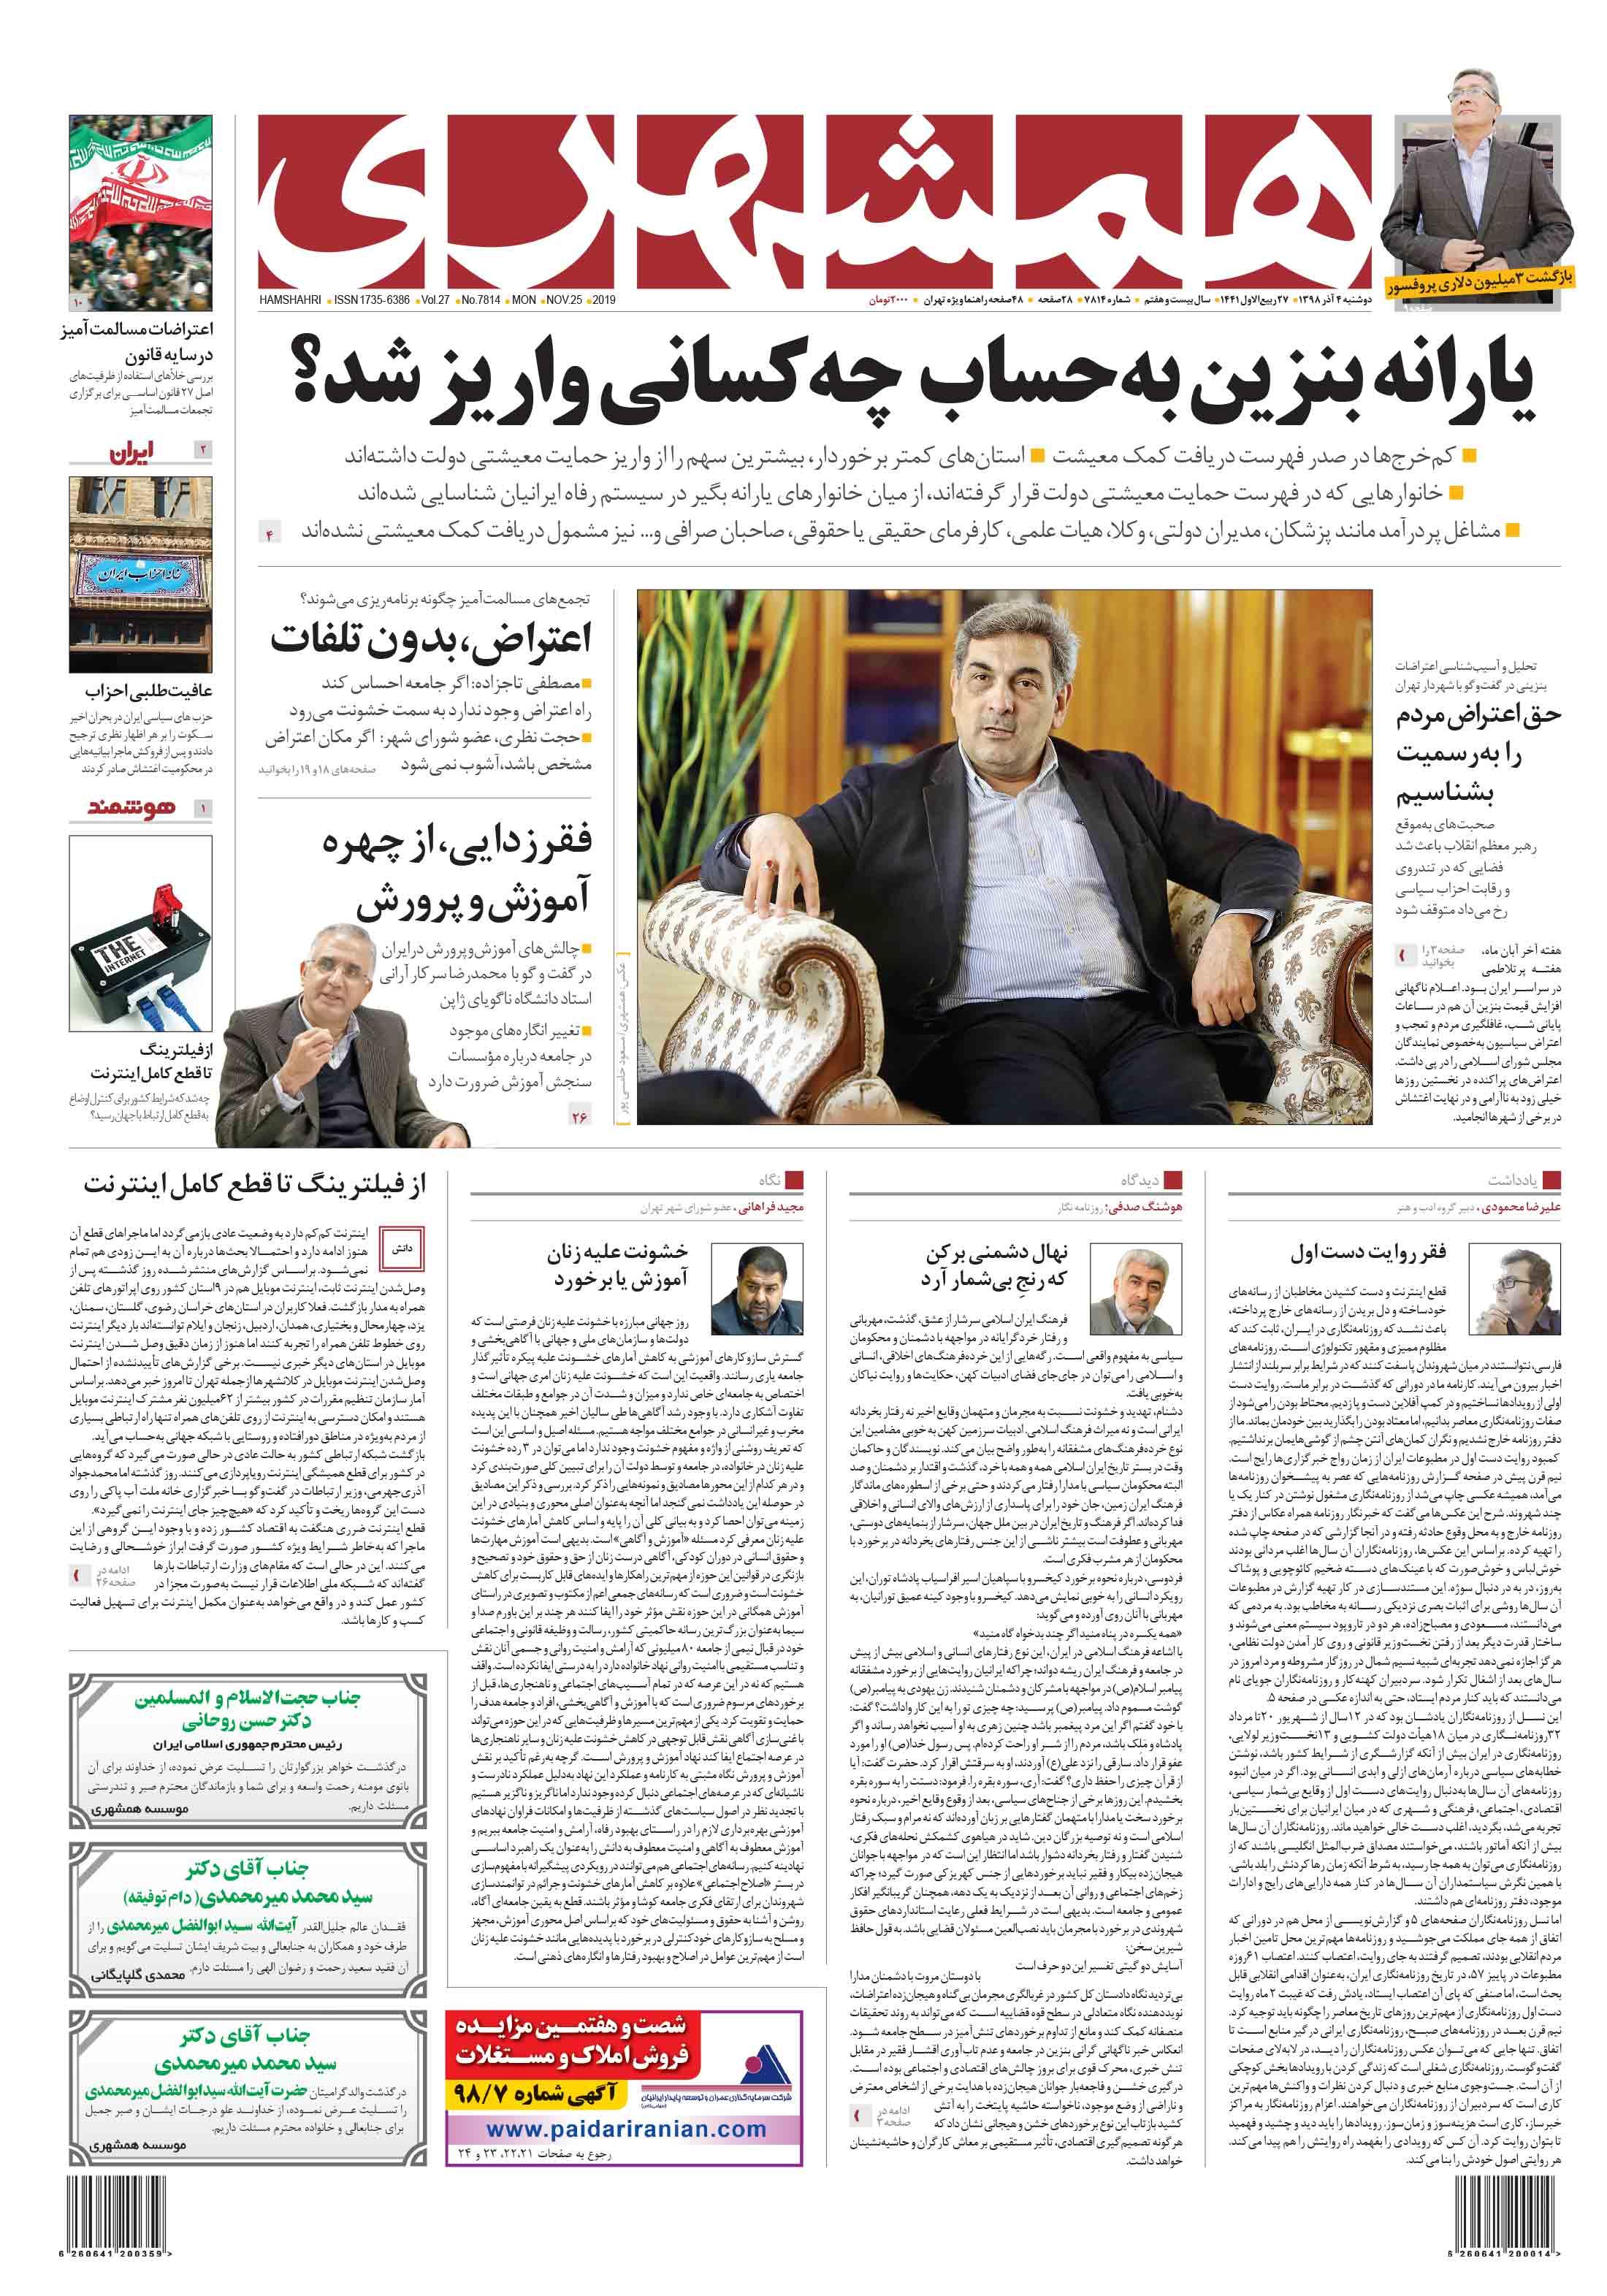 صفحه اول دوشنبه 4 آذر 1398